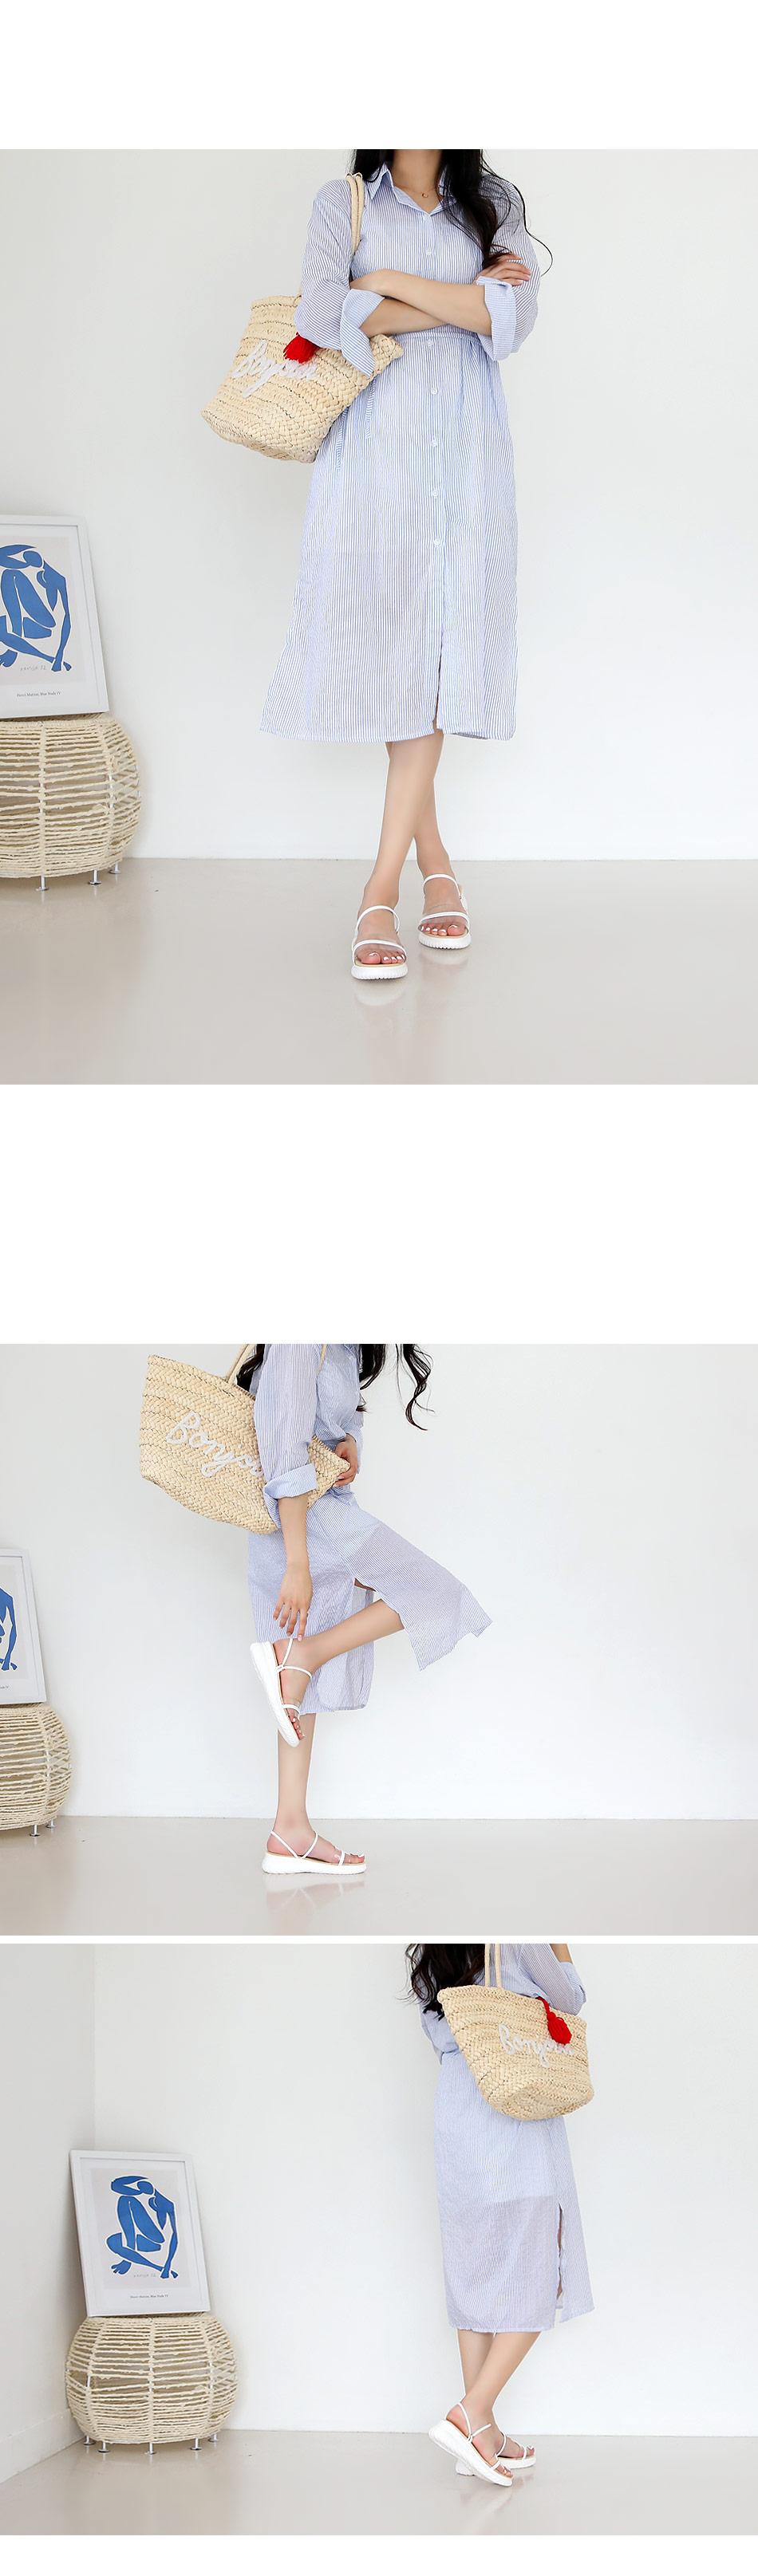 Cellia Twoway Sandals 4cm